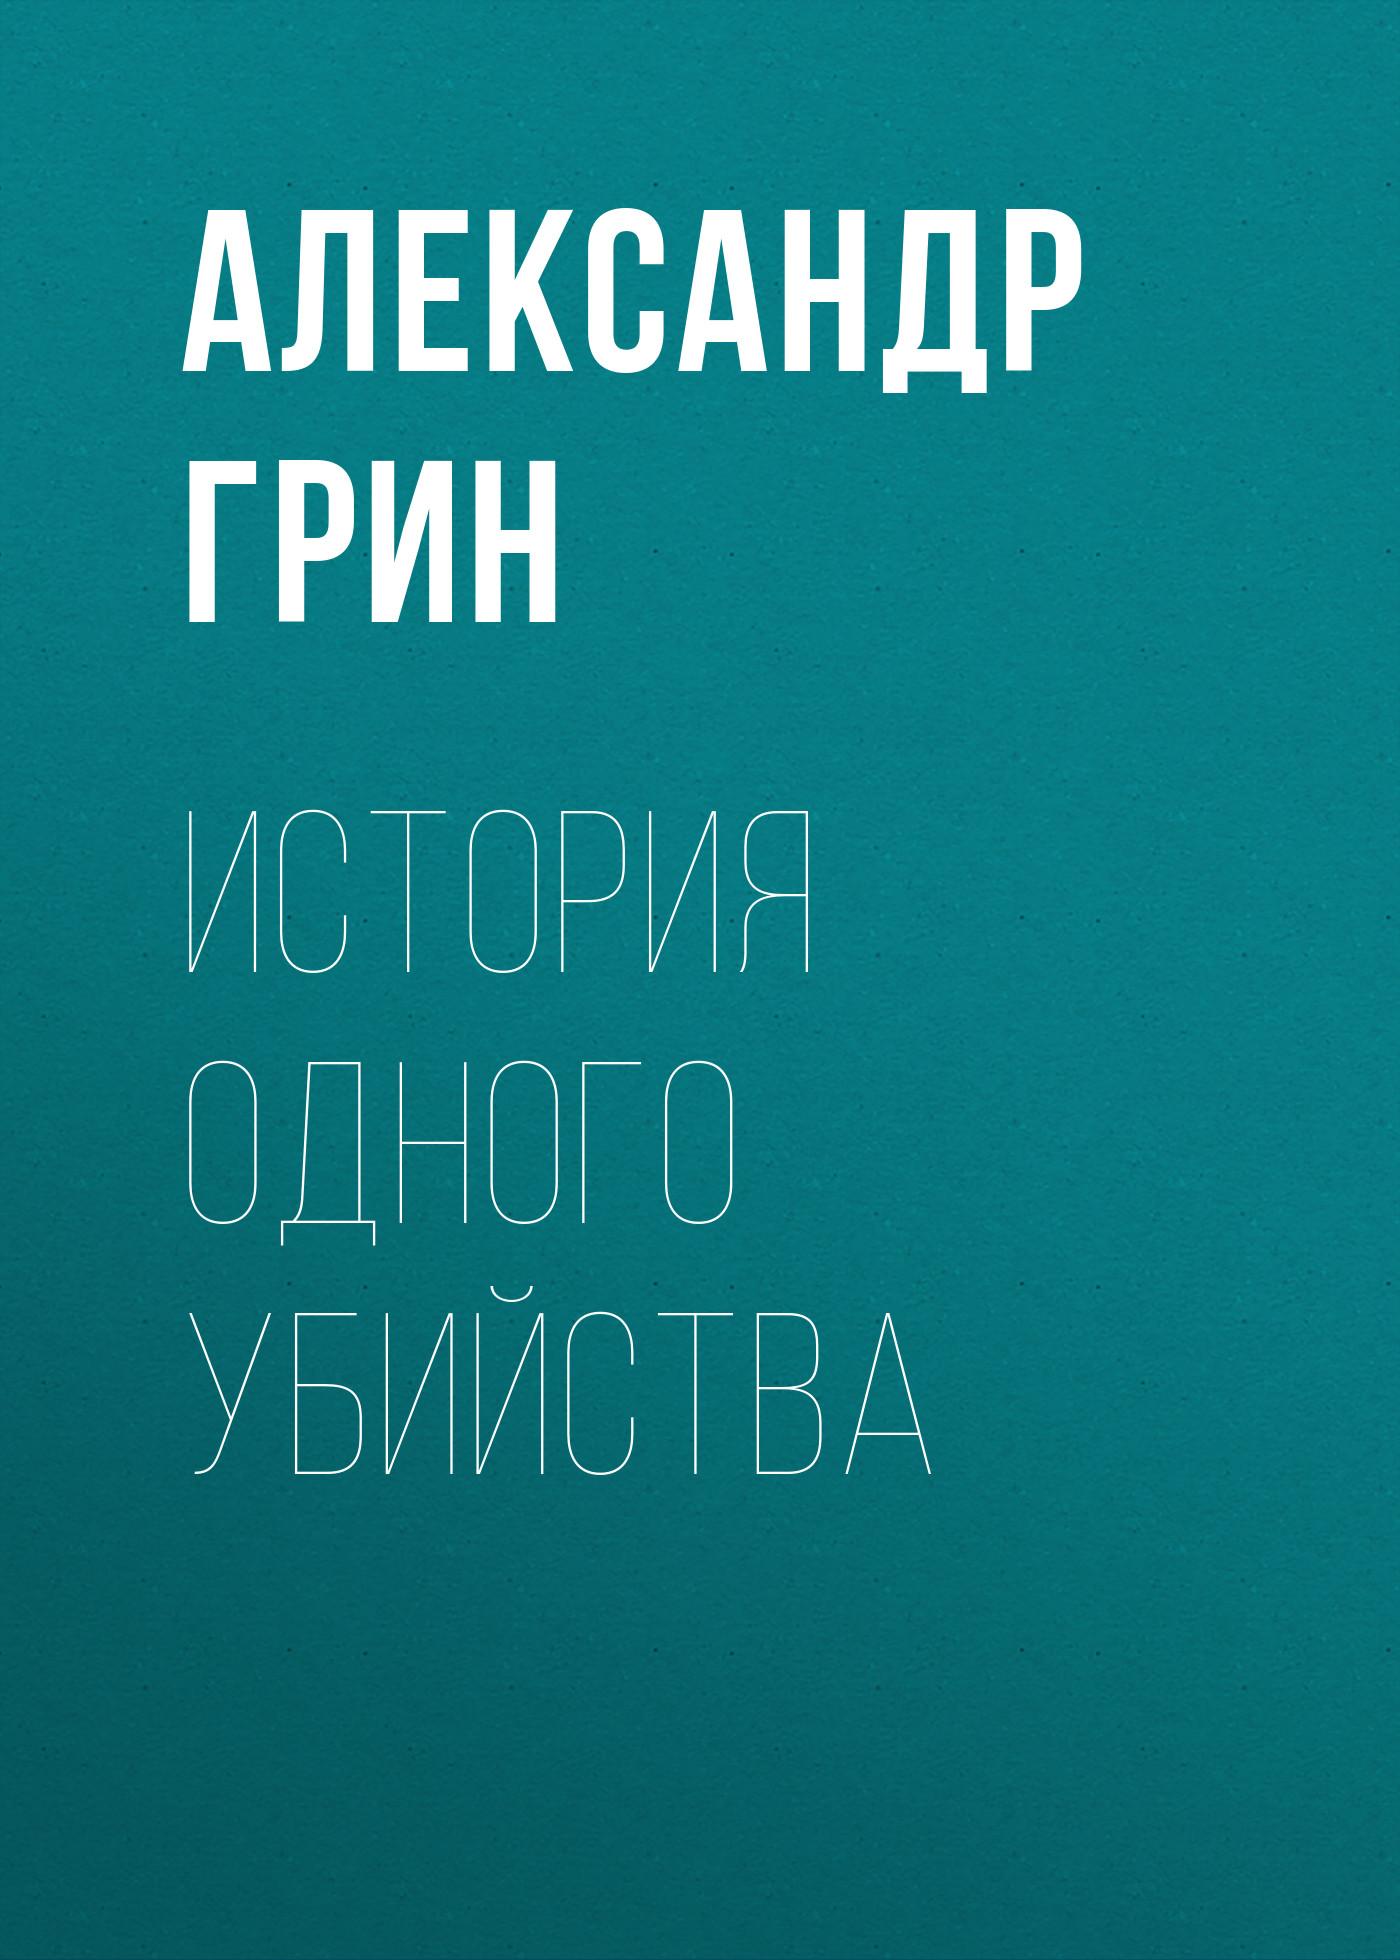 Купить книгу История одного убийства, автора Александра Грина